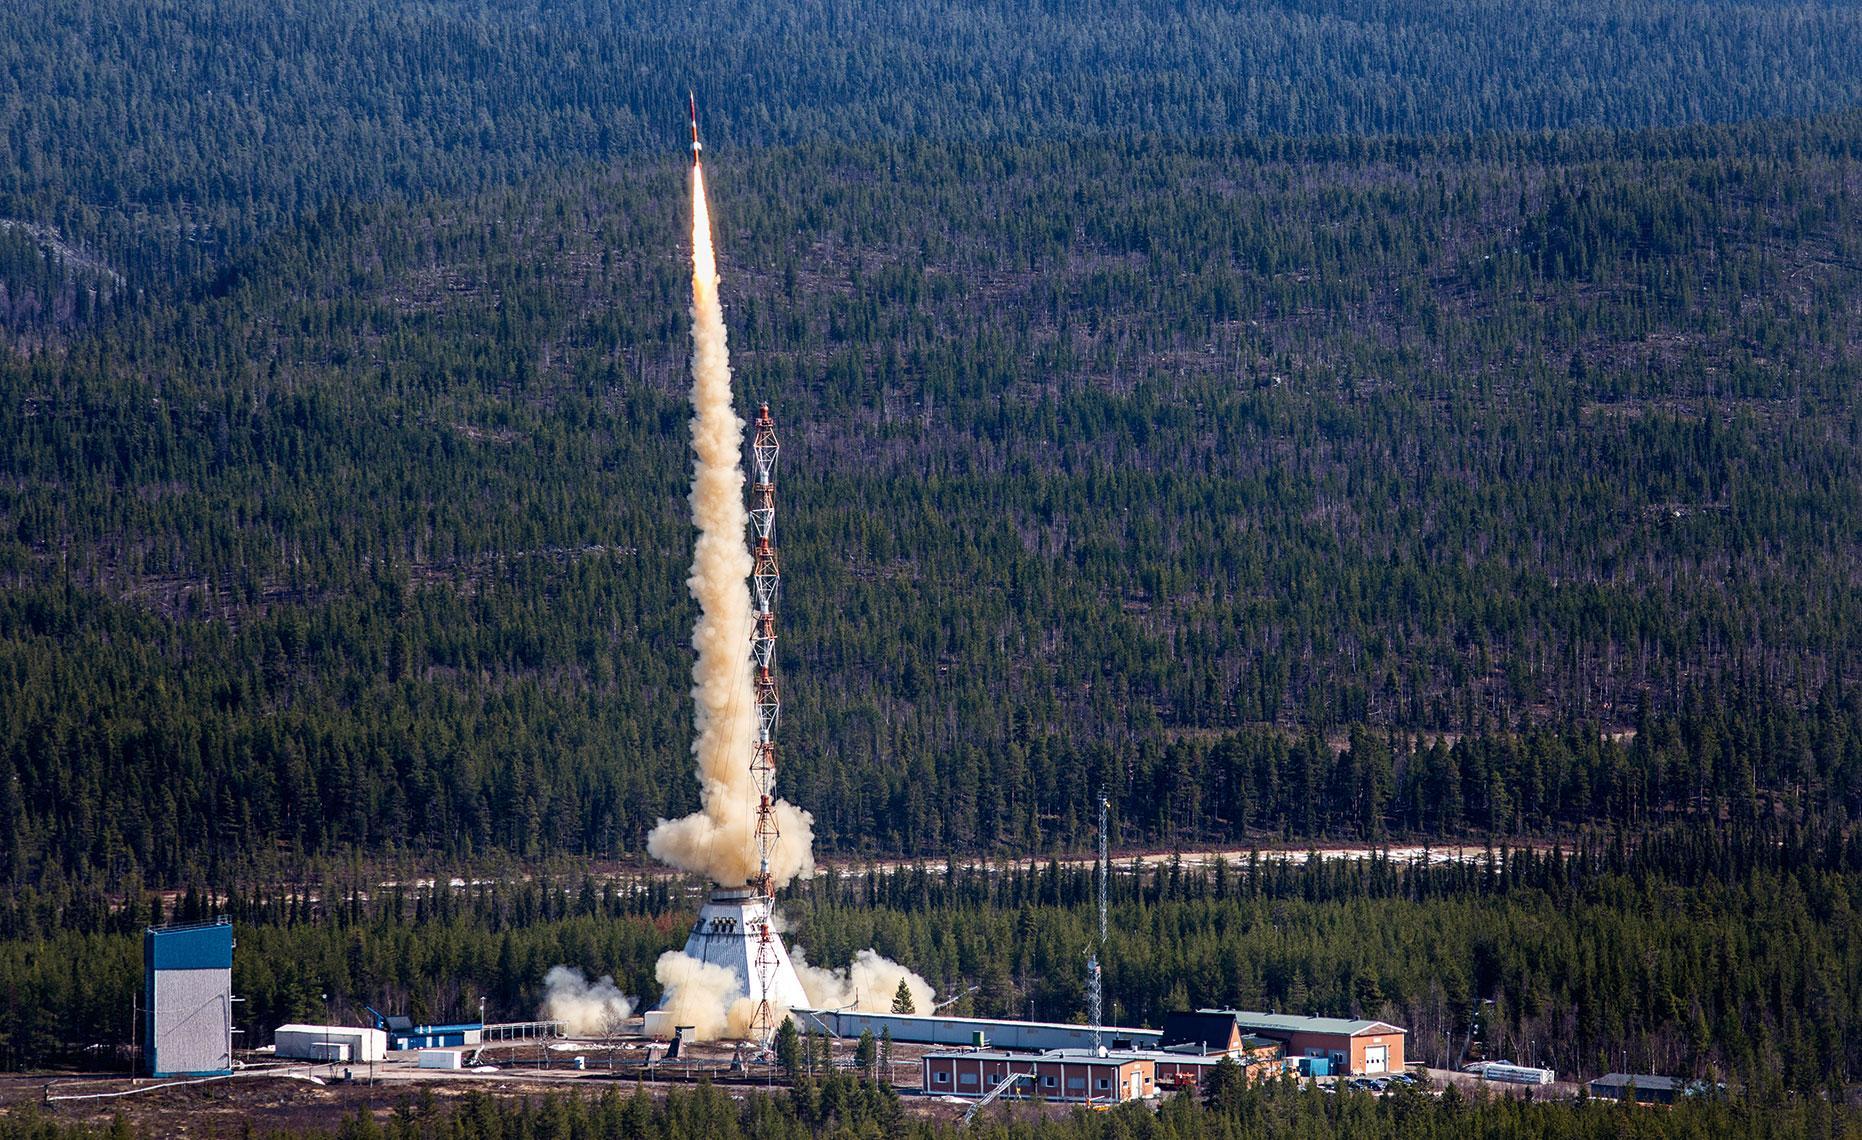 Raketuppskjutning vid ESRANGE. Bild: Fredric Alm